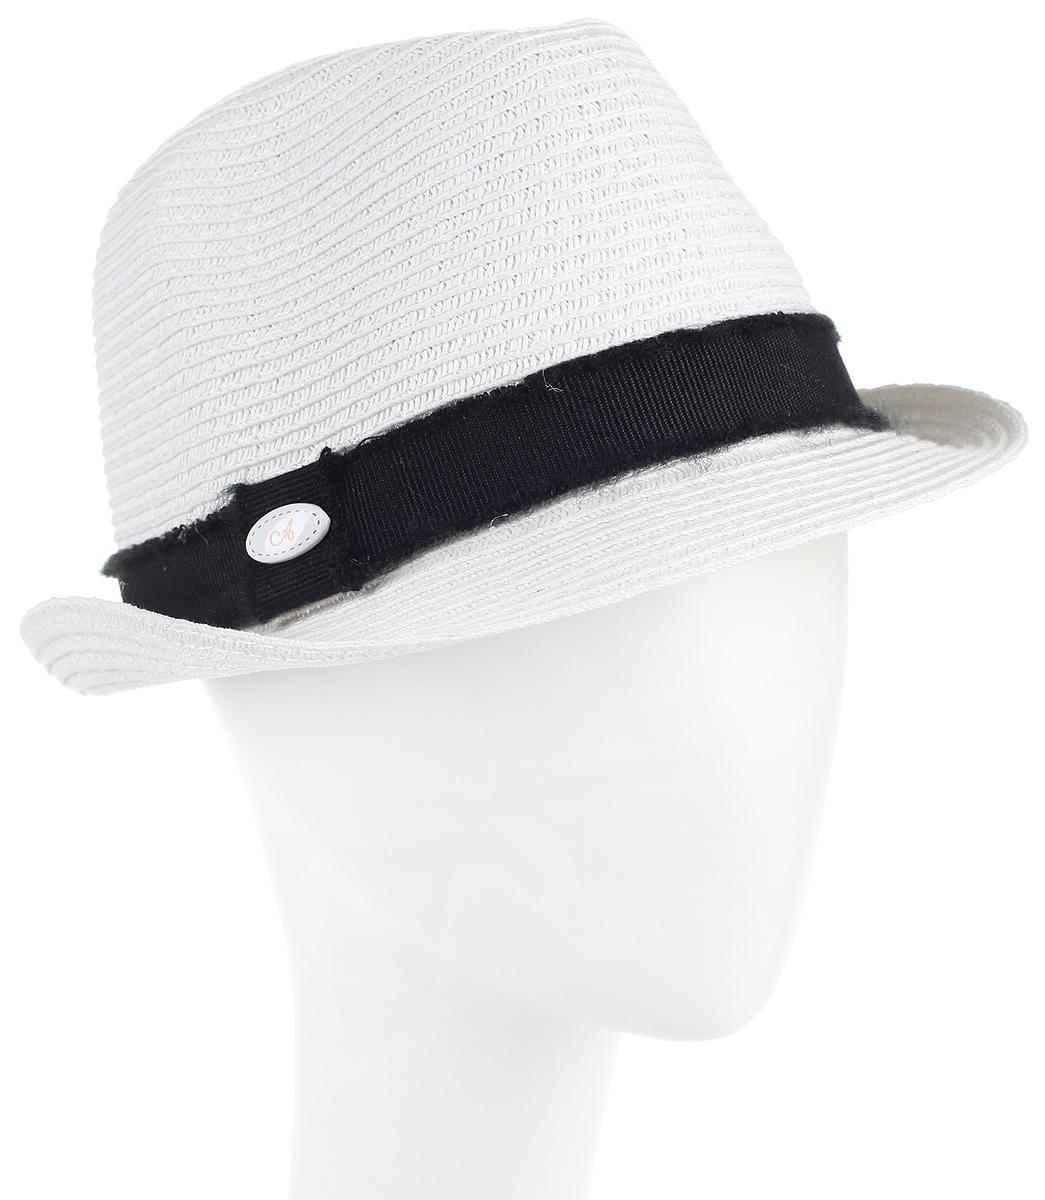 Шляпа994555Женская шляпа Avanta изготовлена из бумажной нити с добавлением полиэстера. Модель оформлена кантом контрастного цвета и овальным декоративным элементом. Прекрасный головной убор для лета из натуральных материалов. Размер, доступный для заказа, является обхватом головы.